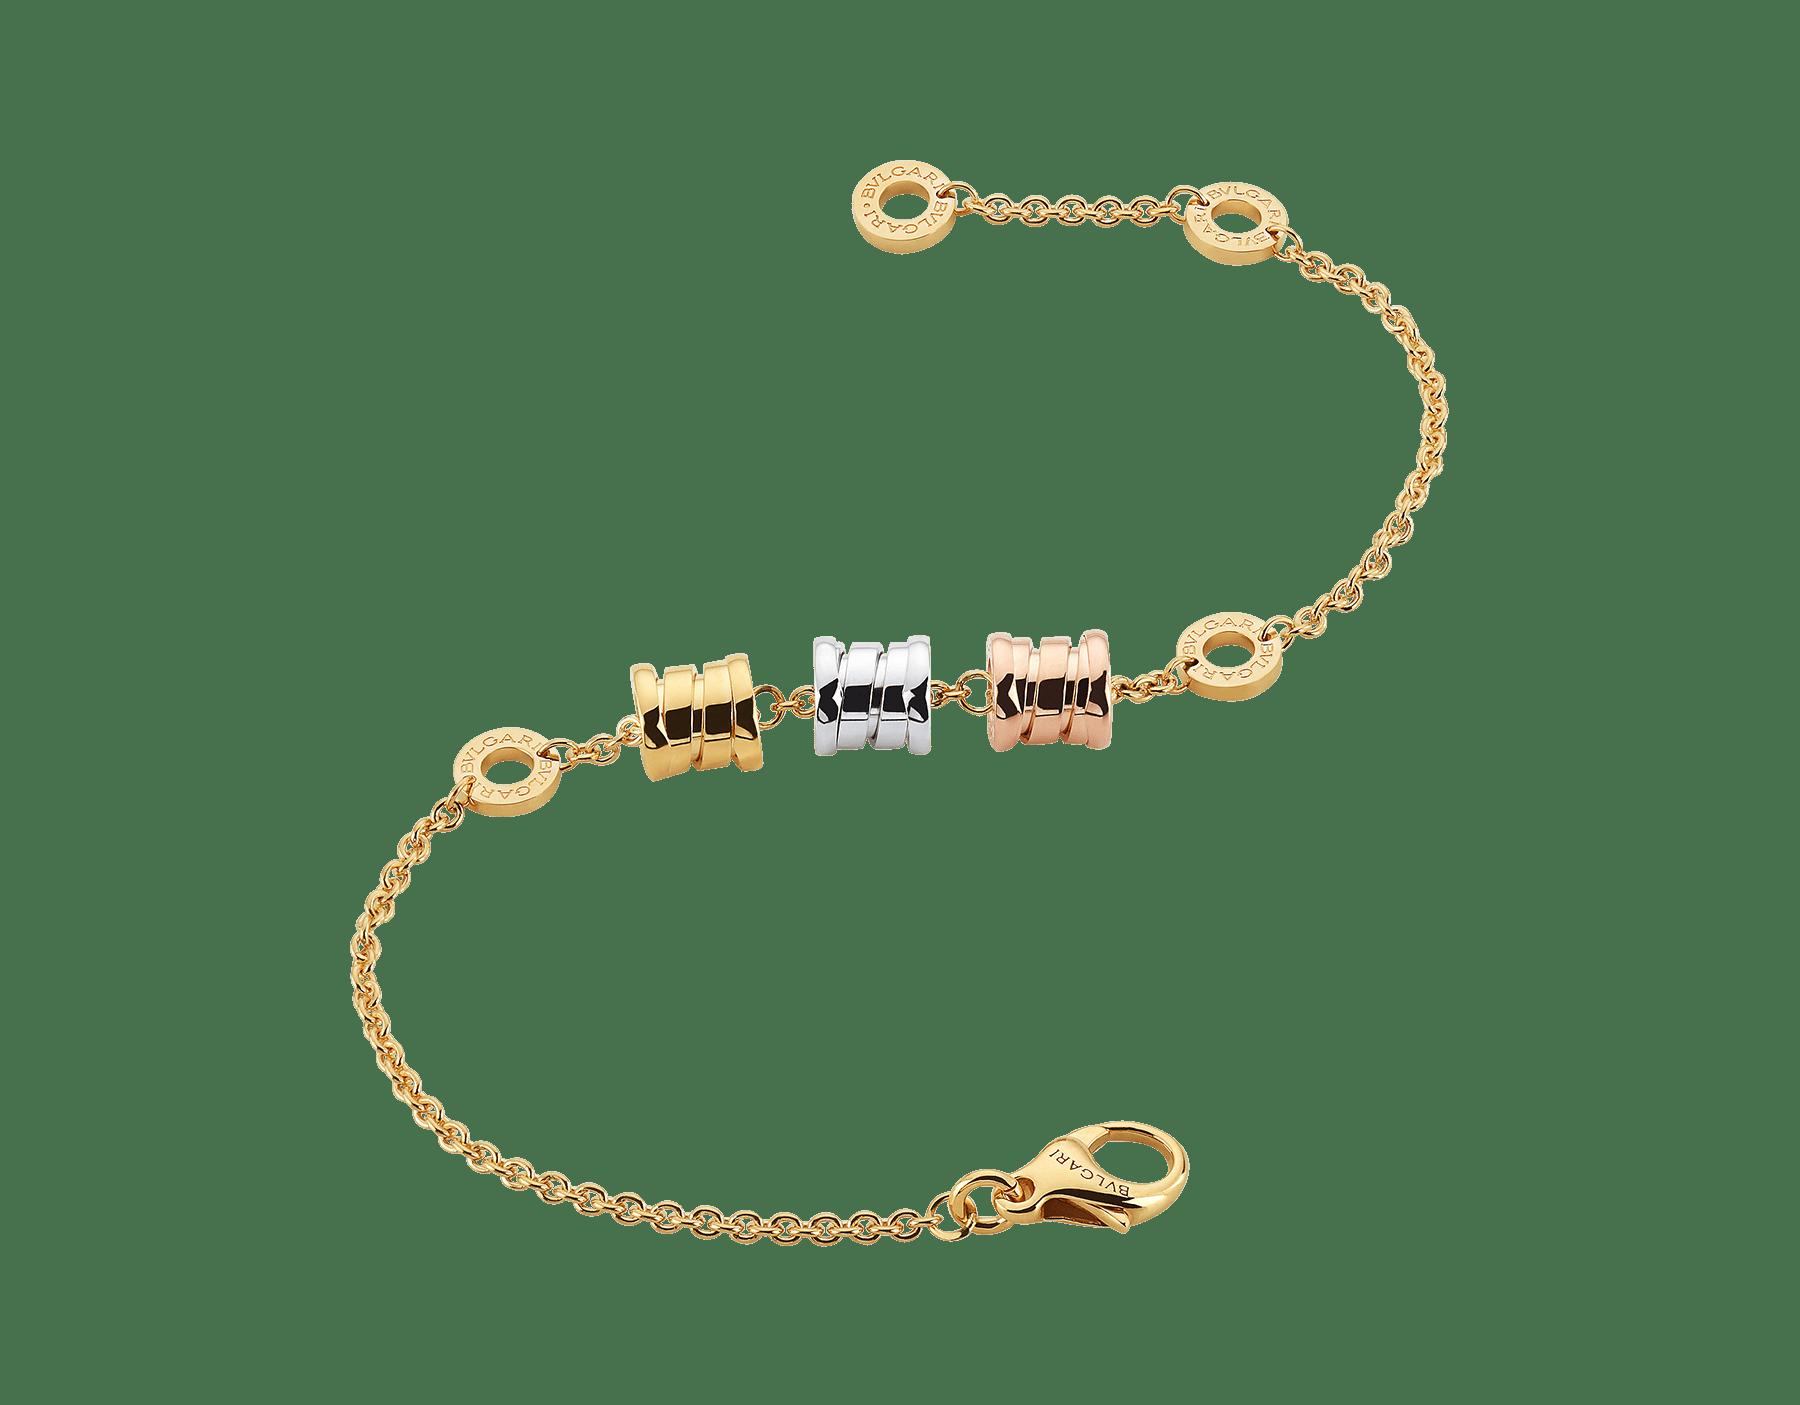 Composé d'une chaîne souple et de trois spirales dans toutes les nuances d'or, le bracelet B.zero1 révèle son esprit contemporain à travers un design original et des associations de couleurs inattendues. BR853666 image 2